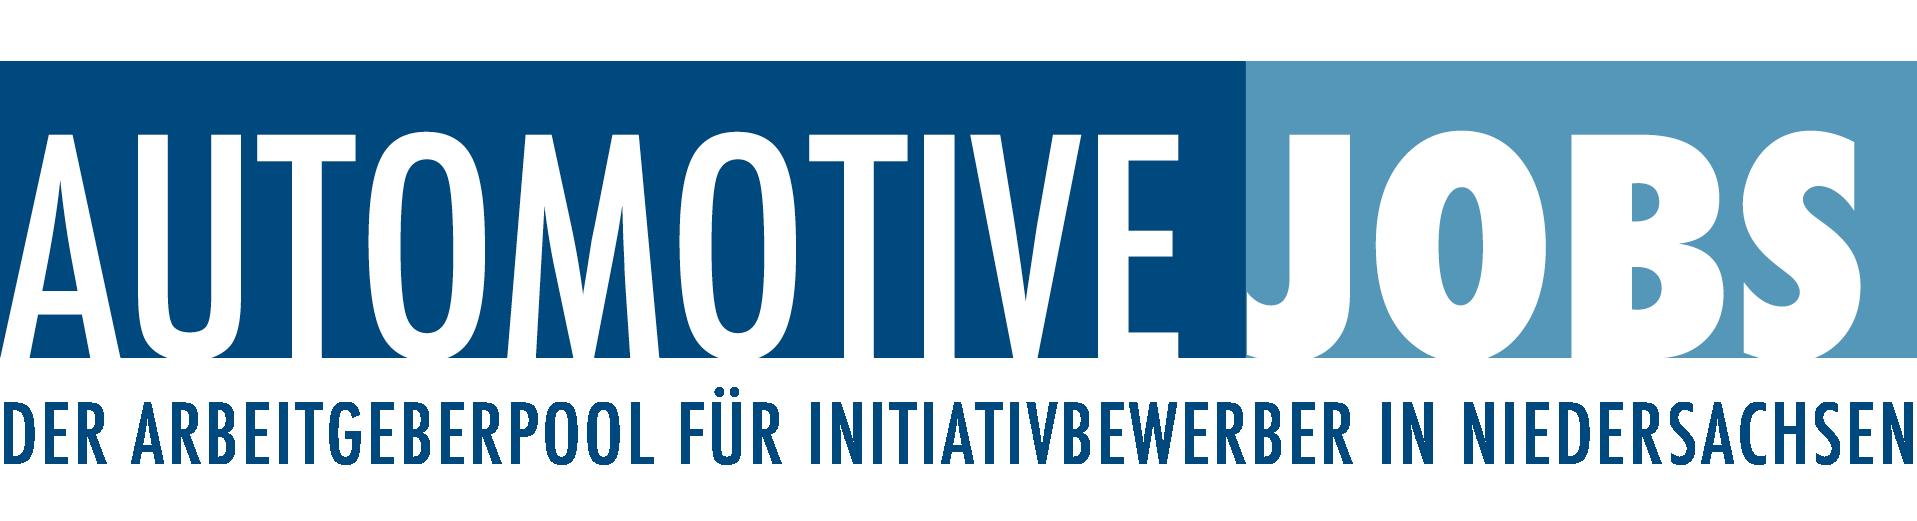 AutomotiveJobs Banner